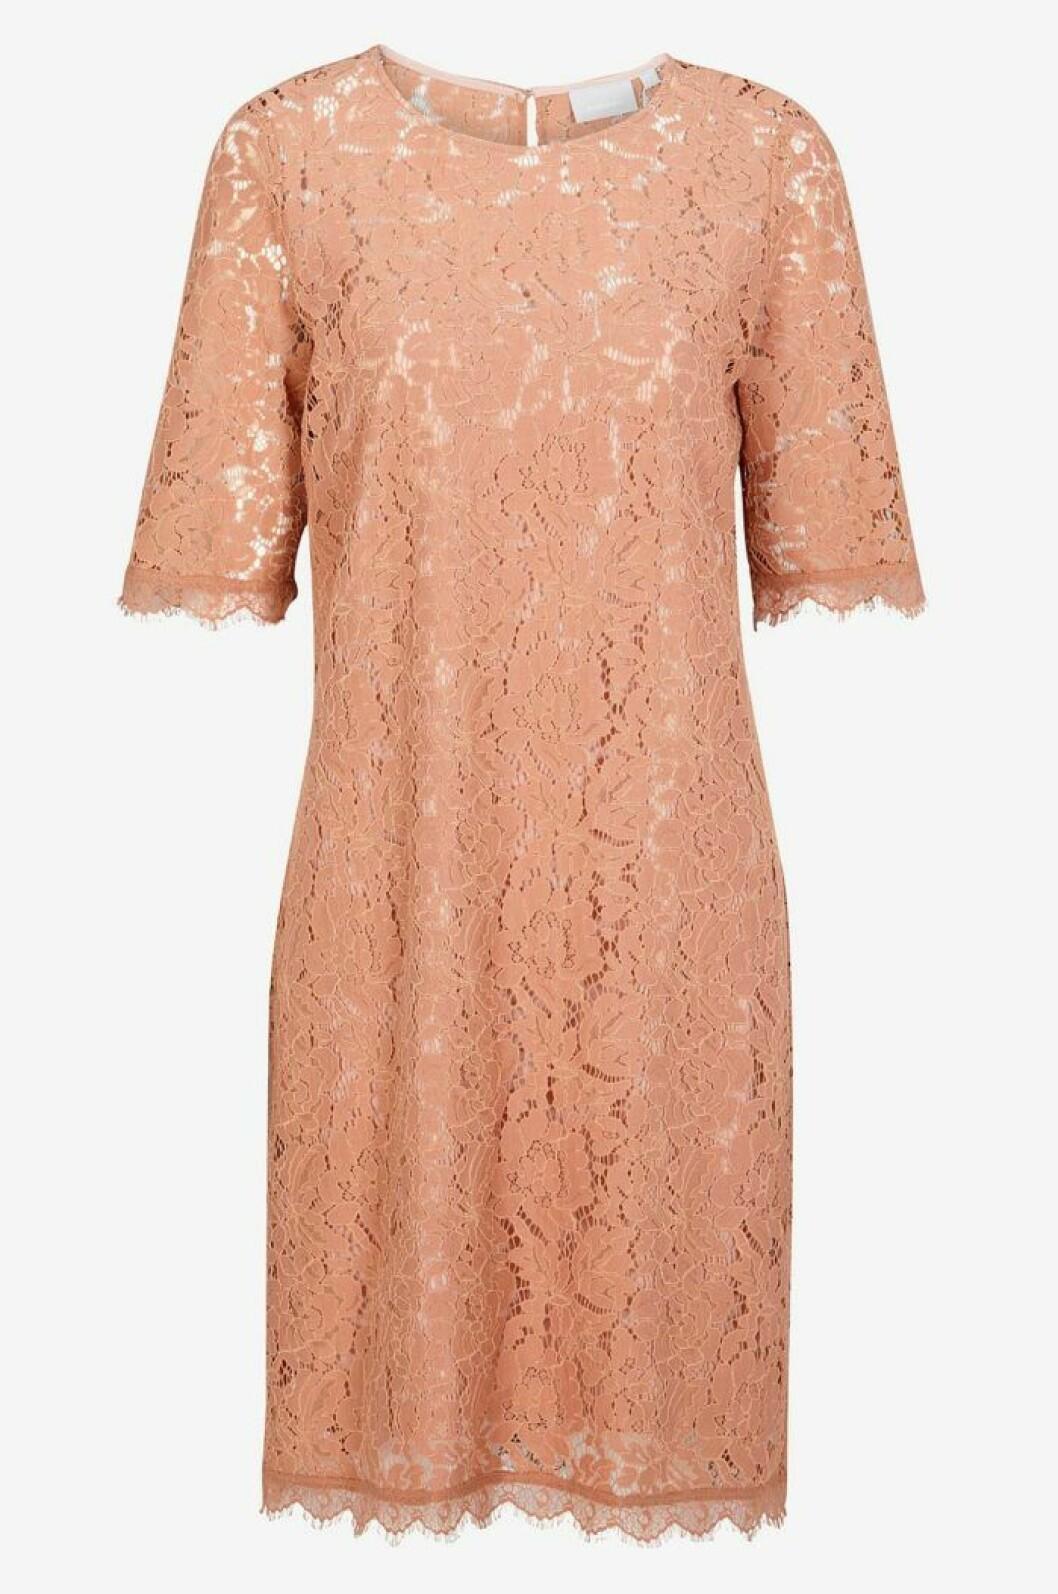 Rosa spetsklänning